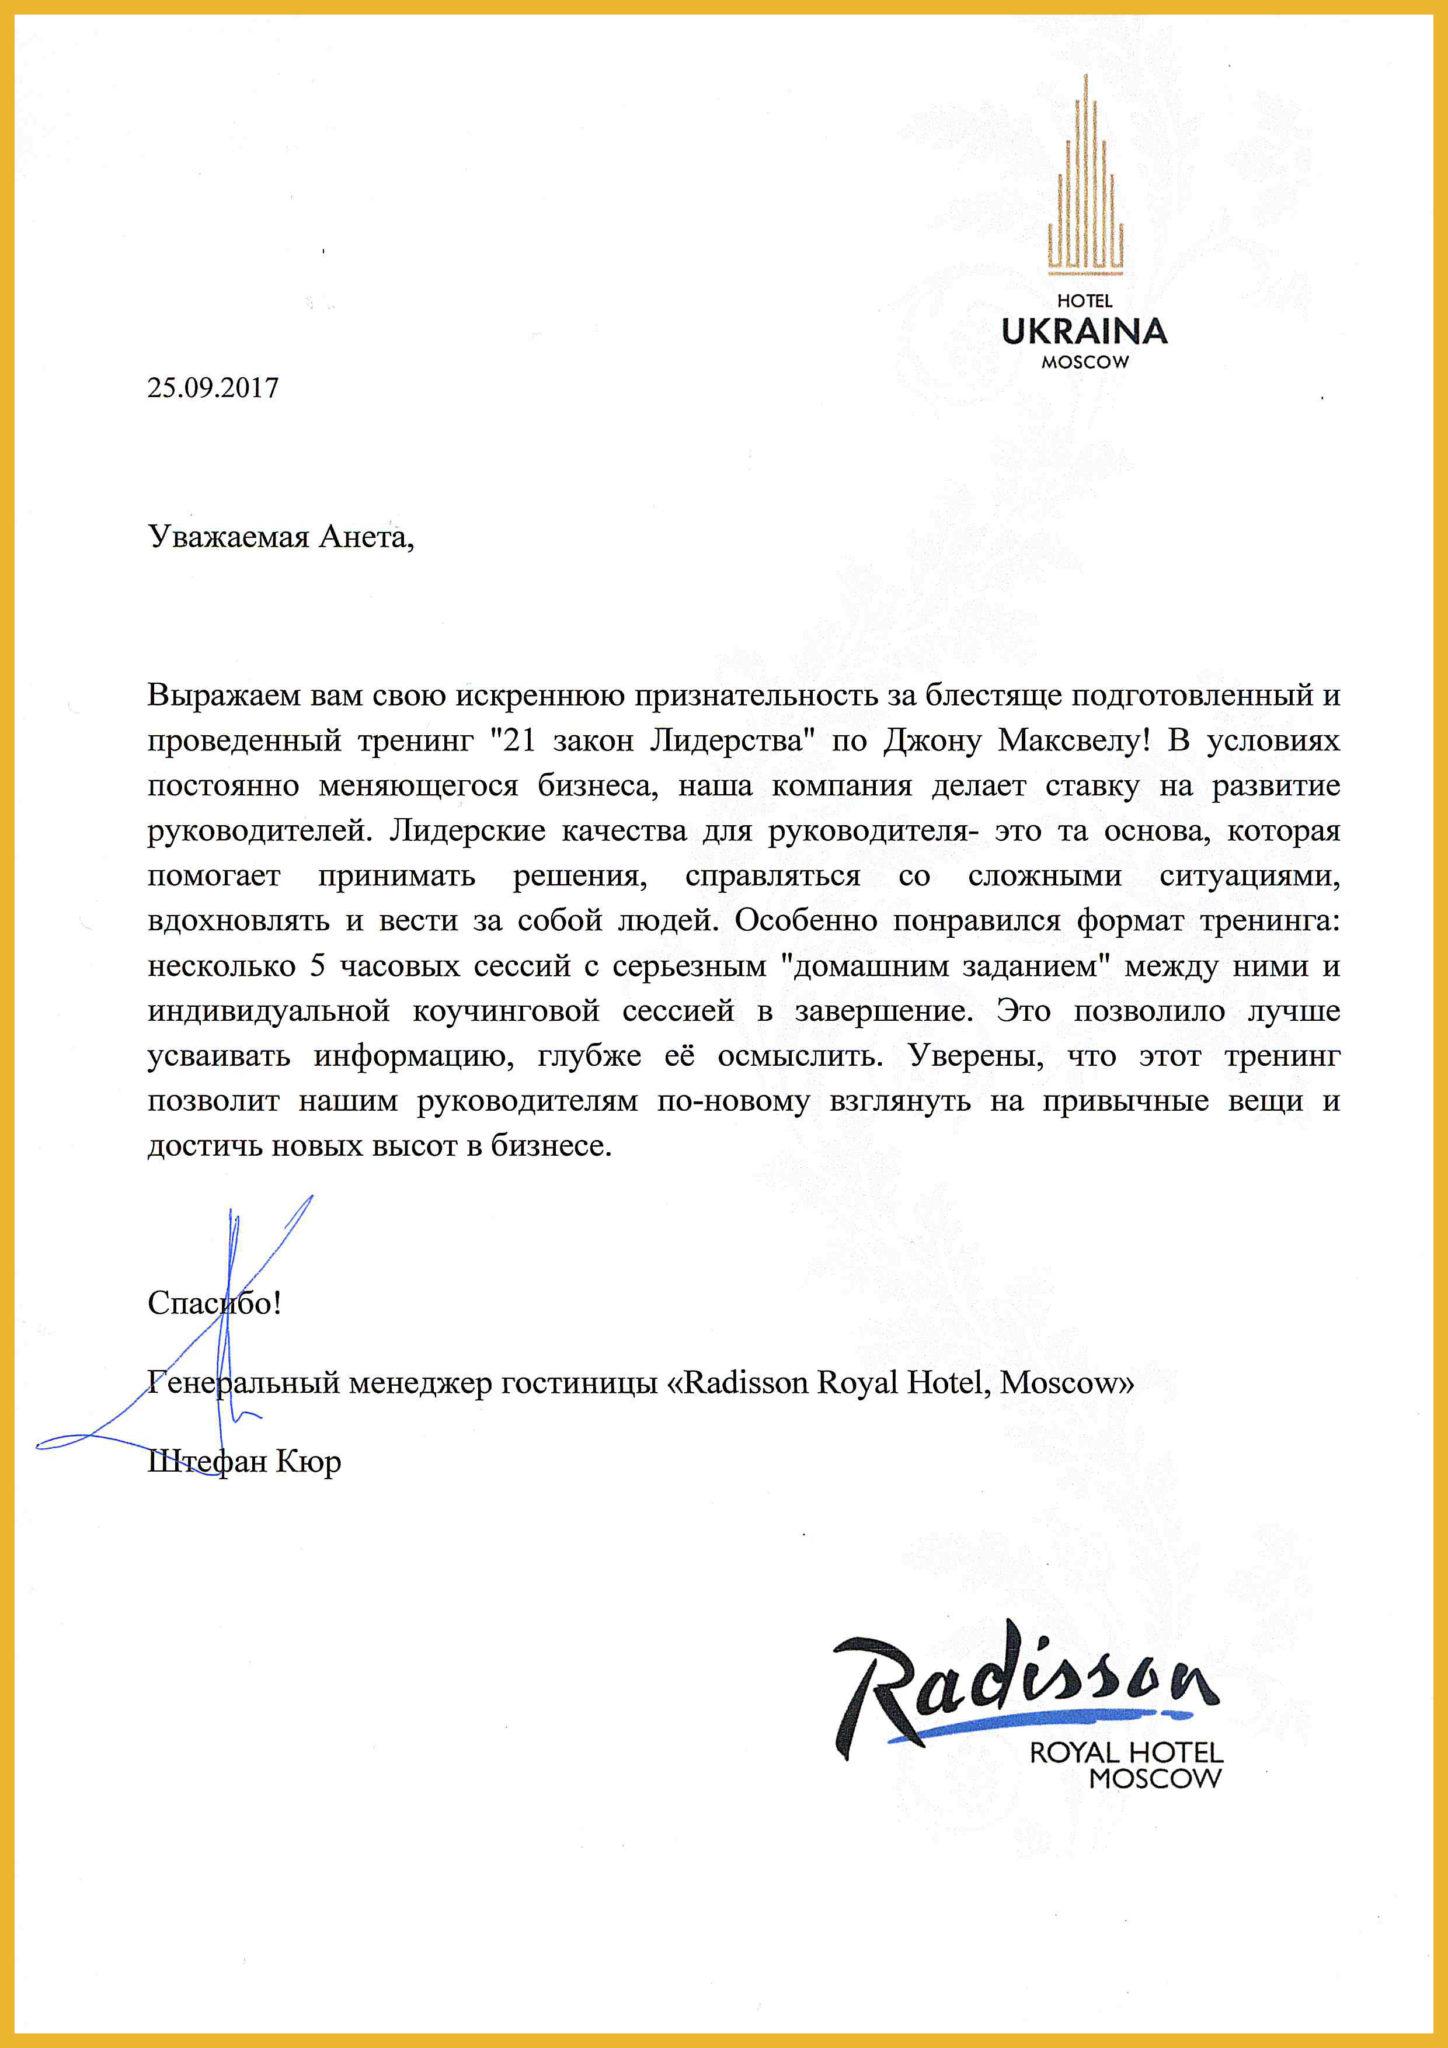 Анета Коробкина - Благодарственное письмо